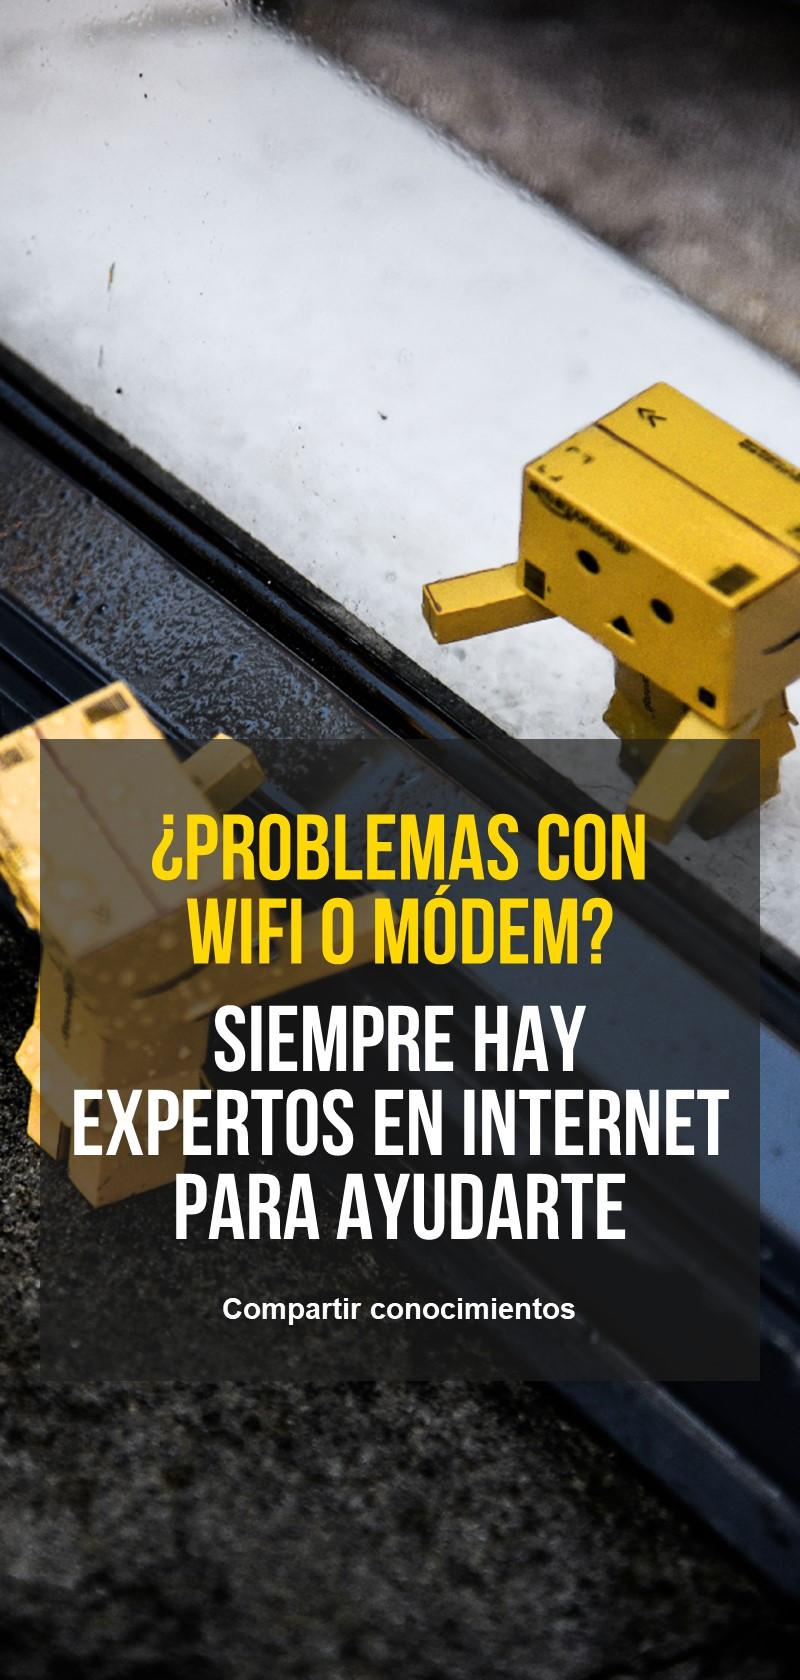 Problemas y soluciones WiFi